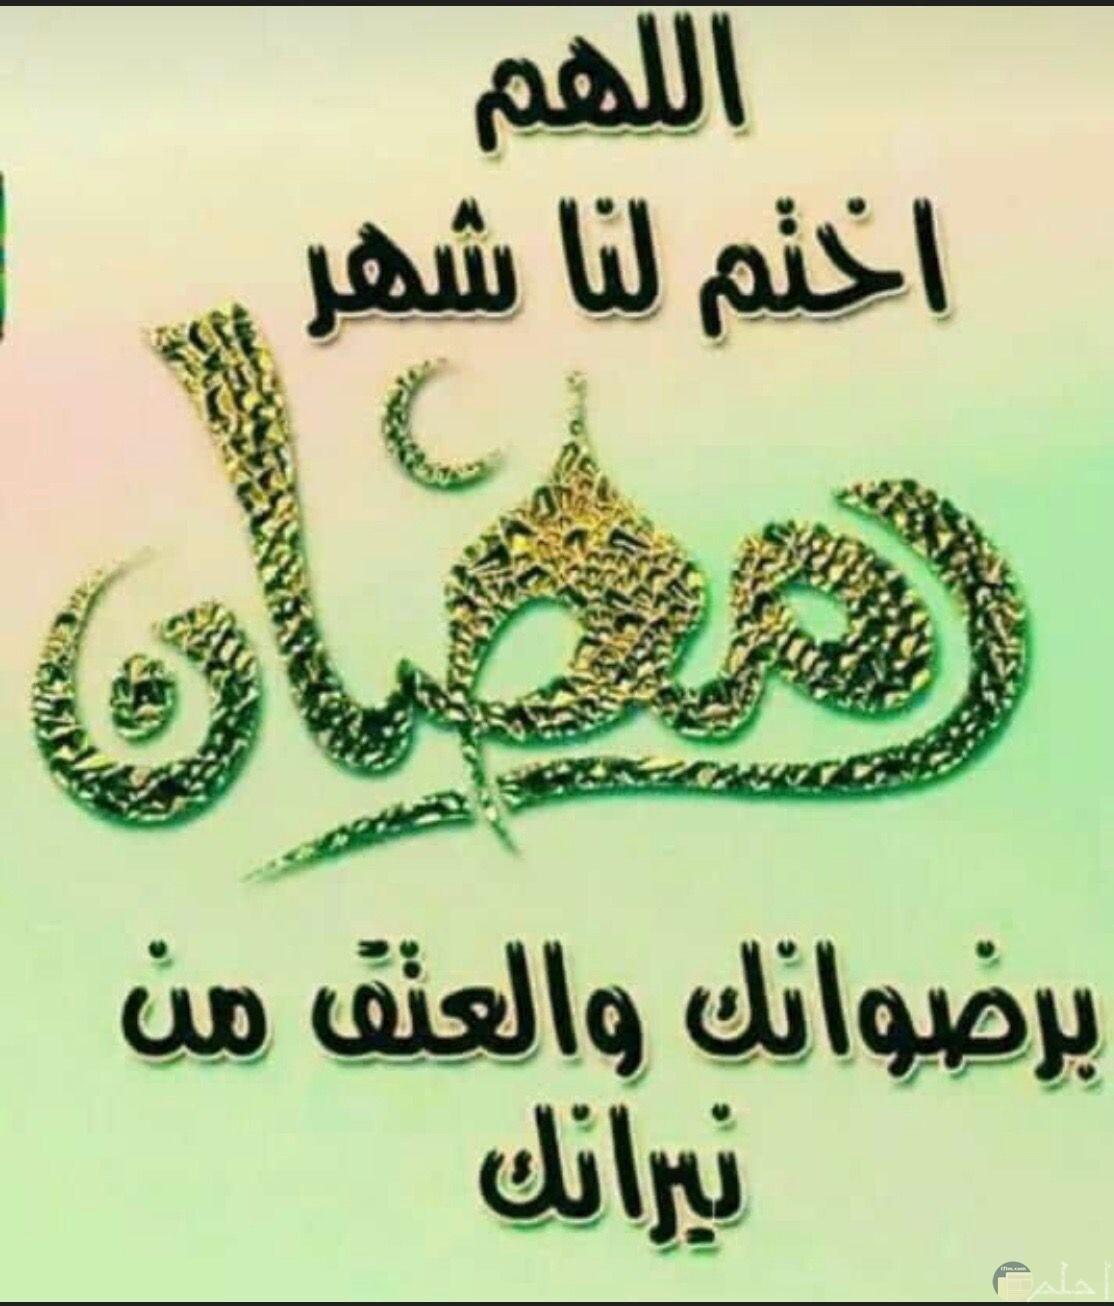 اللهم اختم لنا شهر رمضان برضوانك والعتق من نيرانك